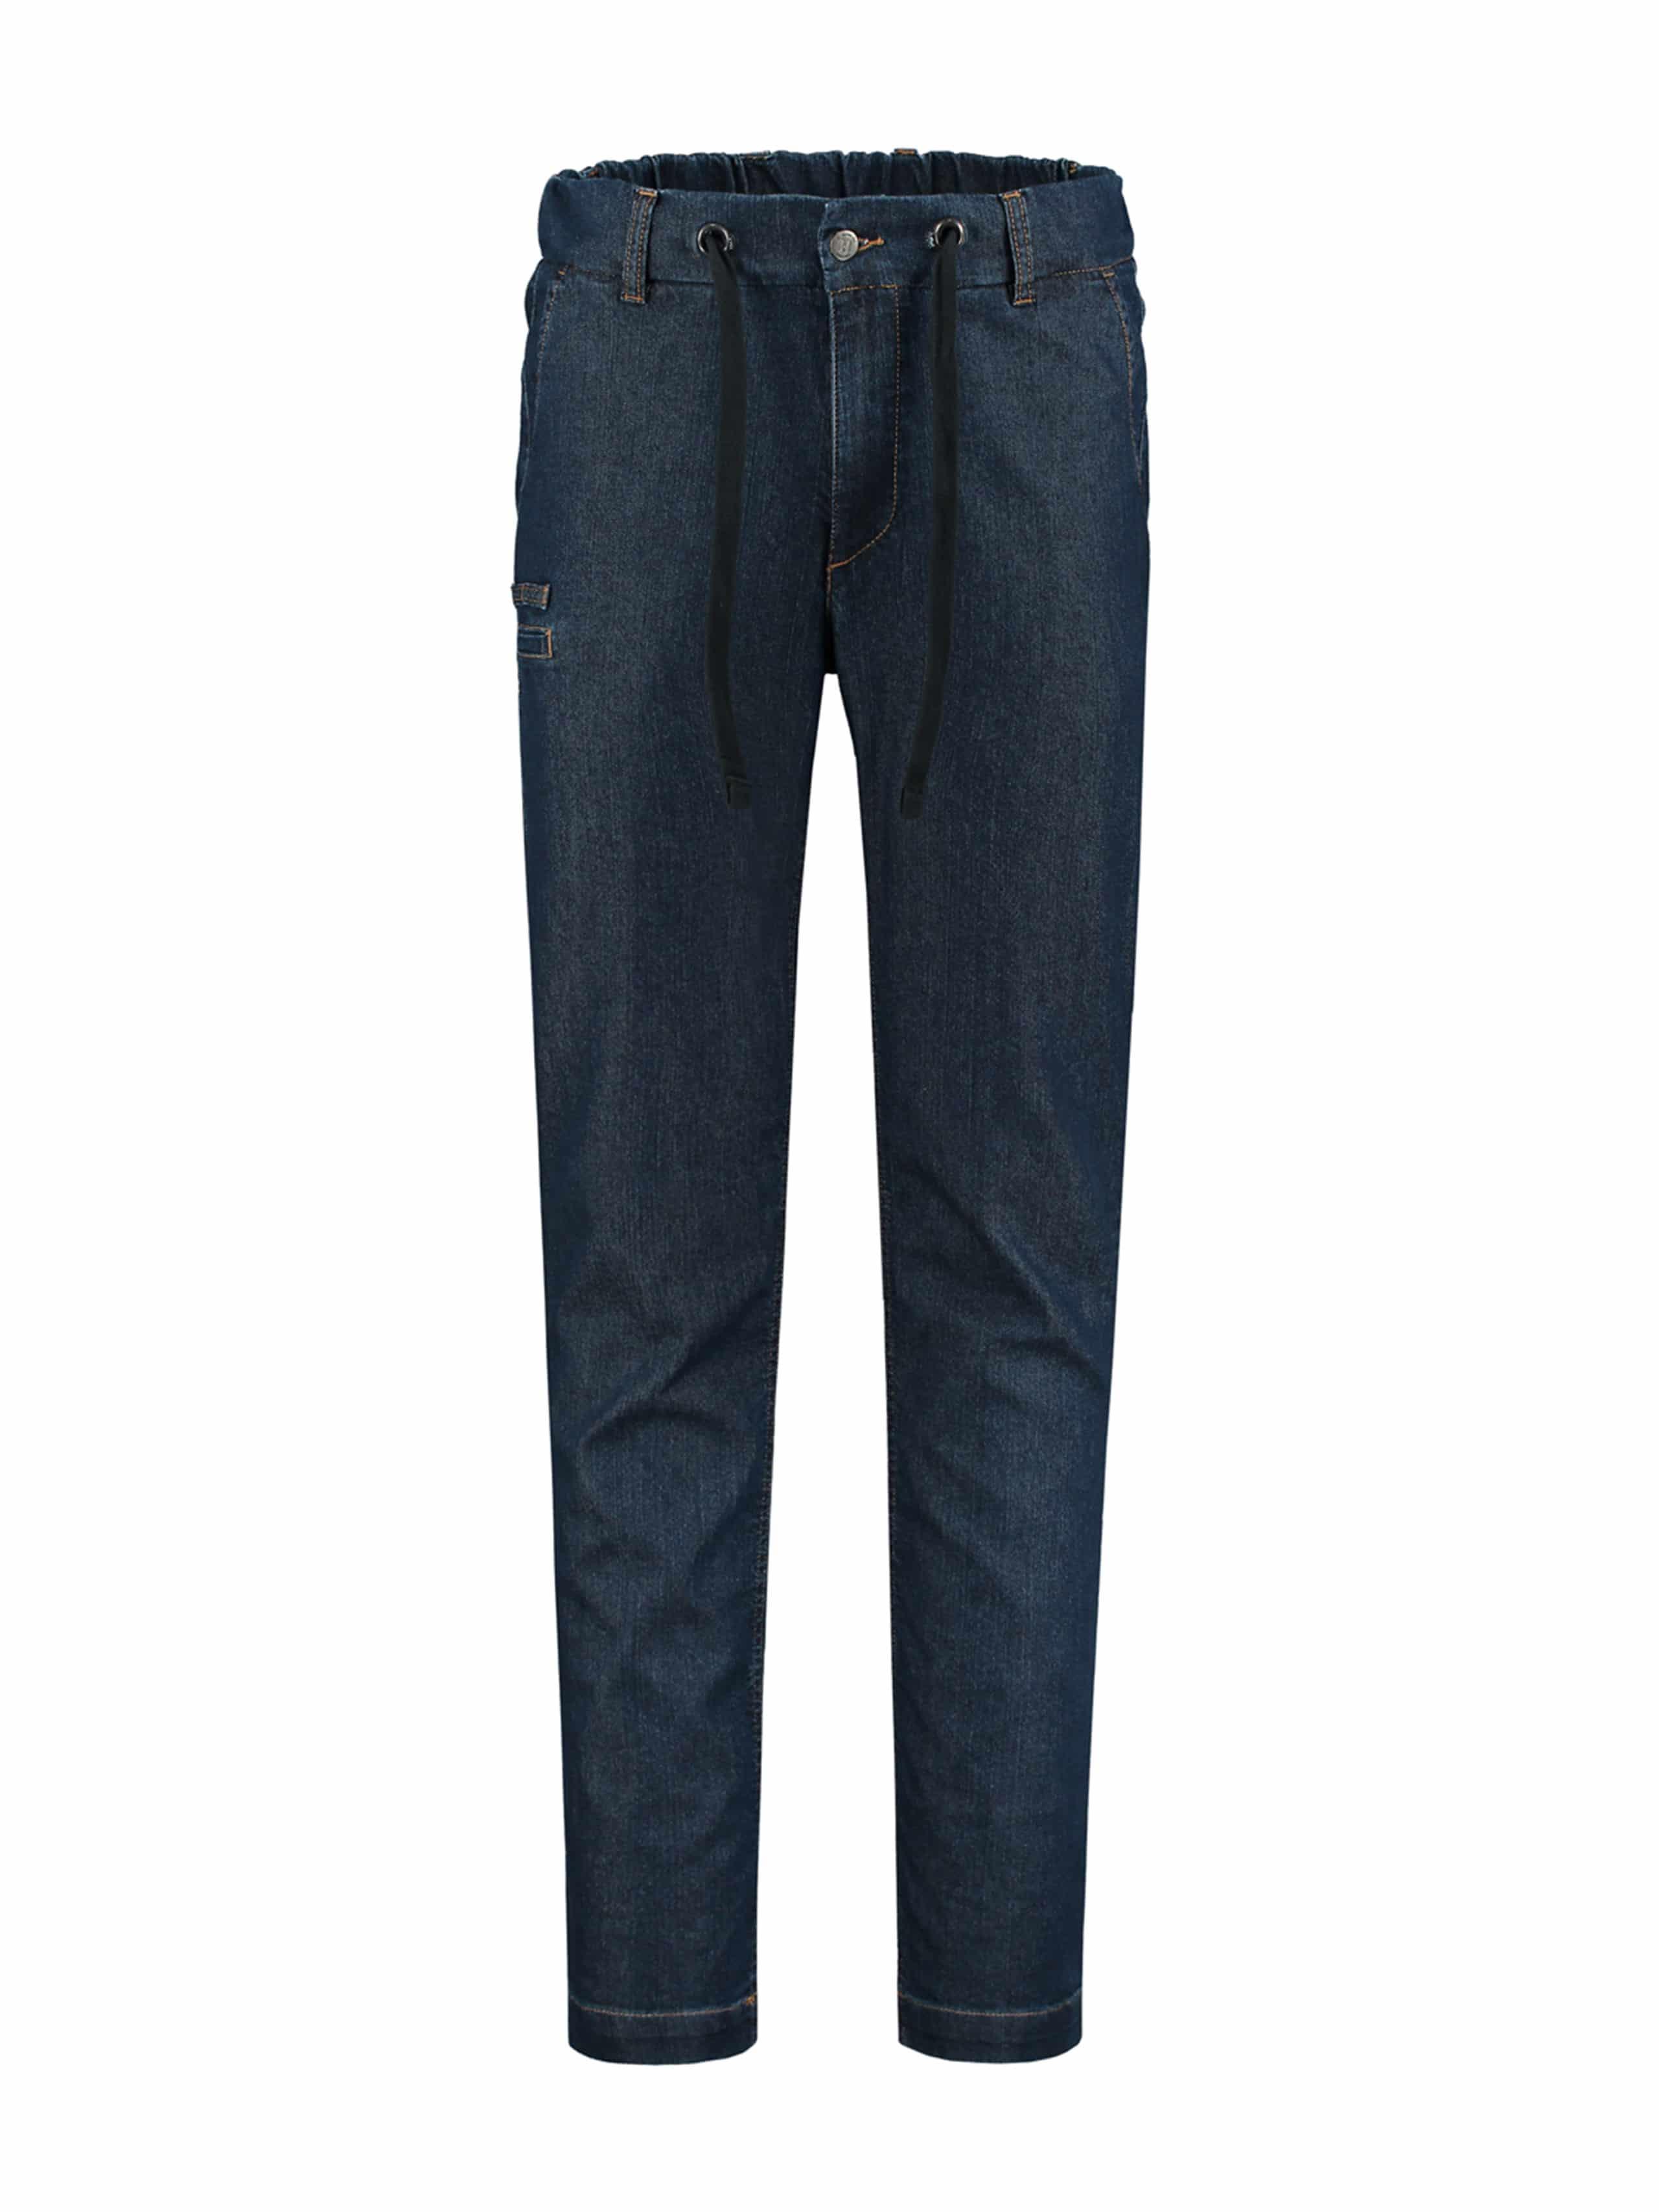 Pants Sydney Washed Blue Denim